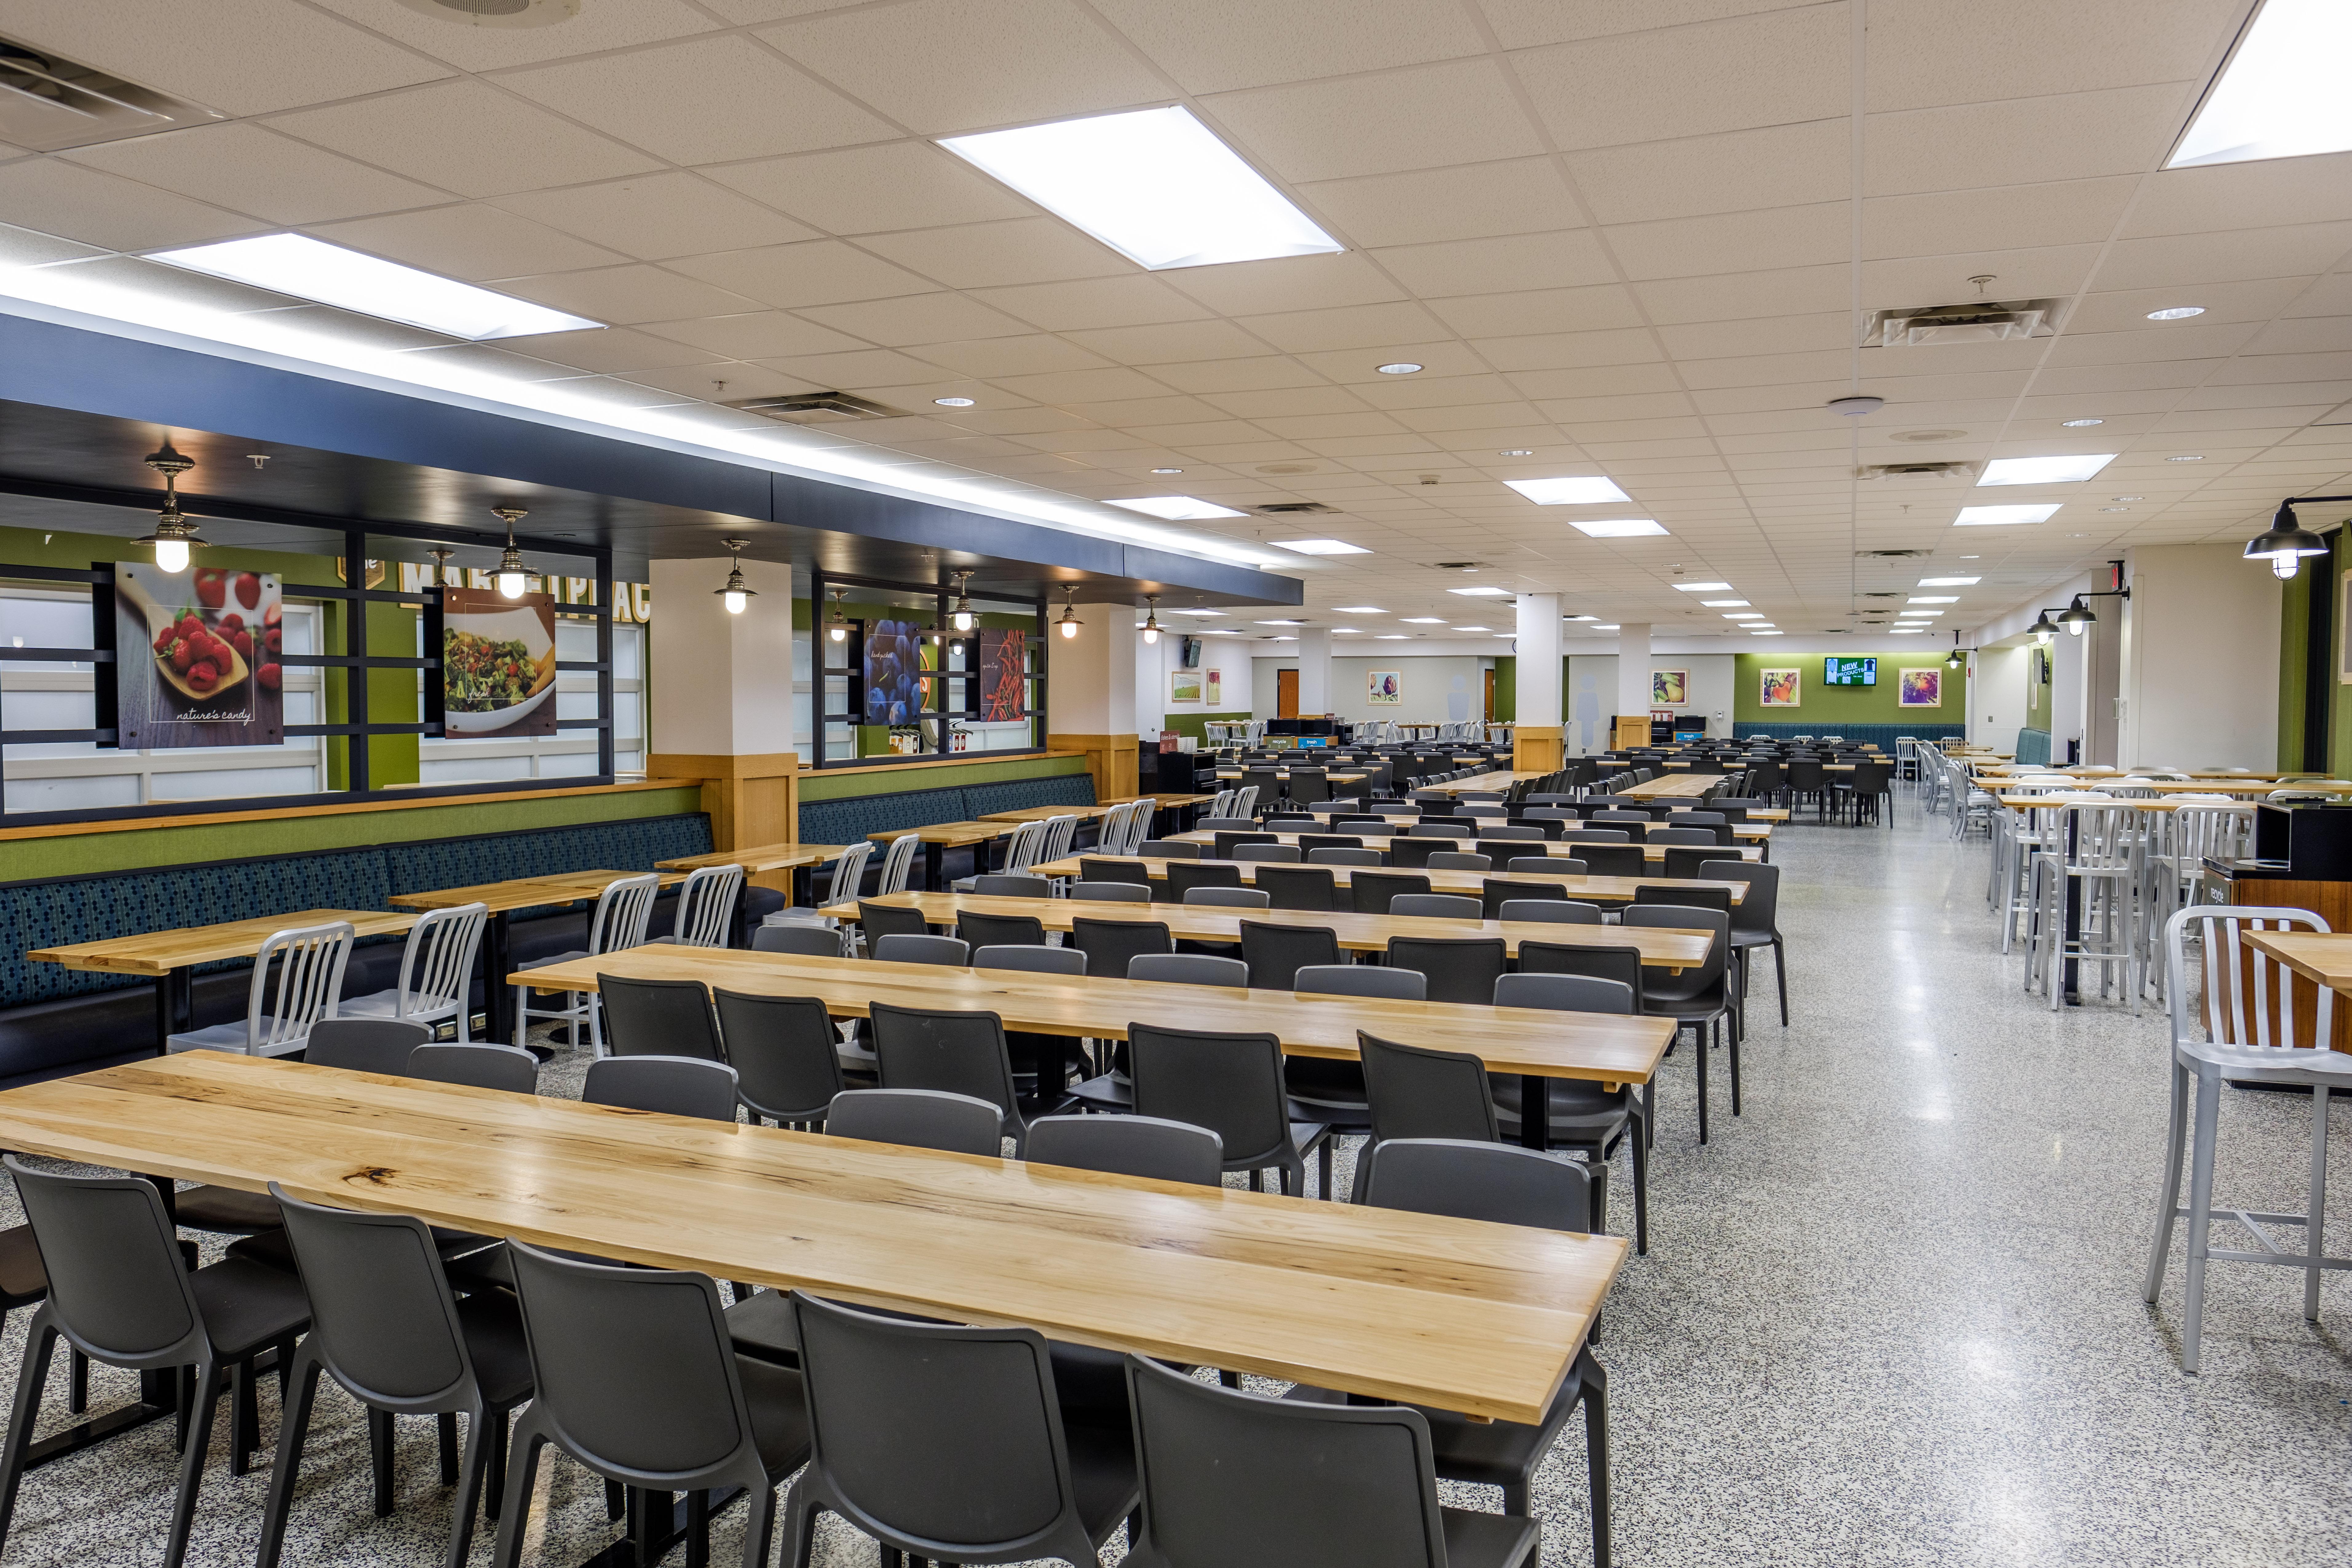 PendletonHeightsHighSchool-001